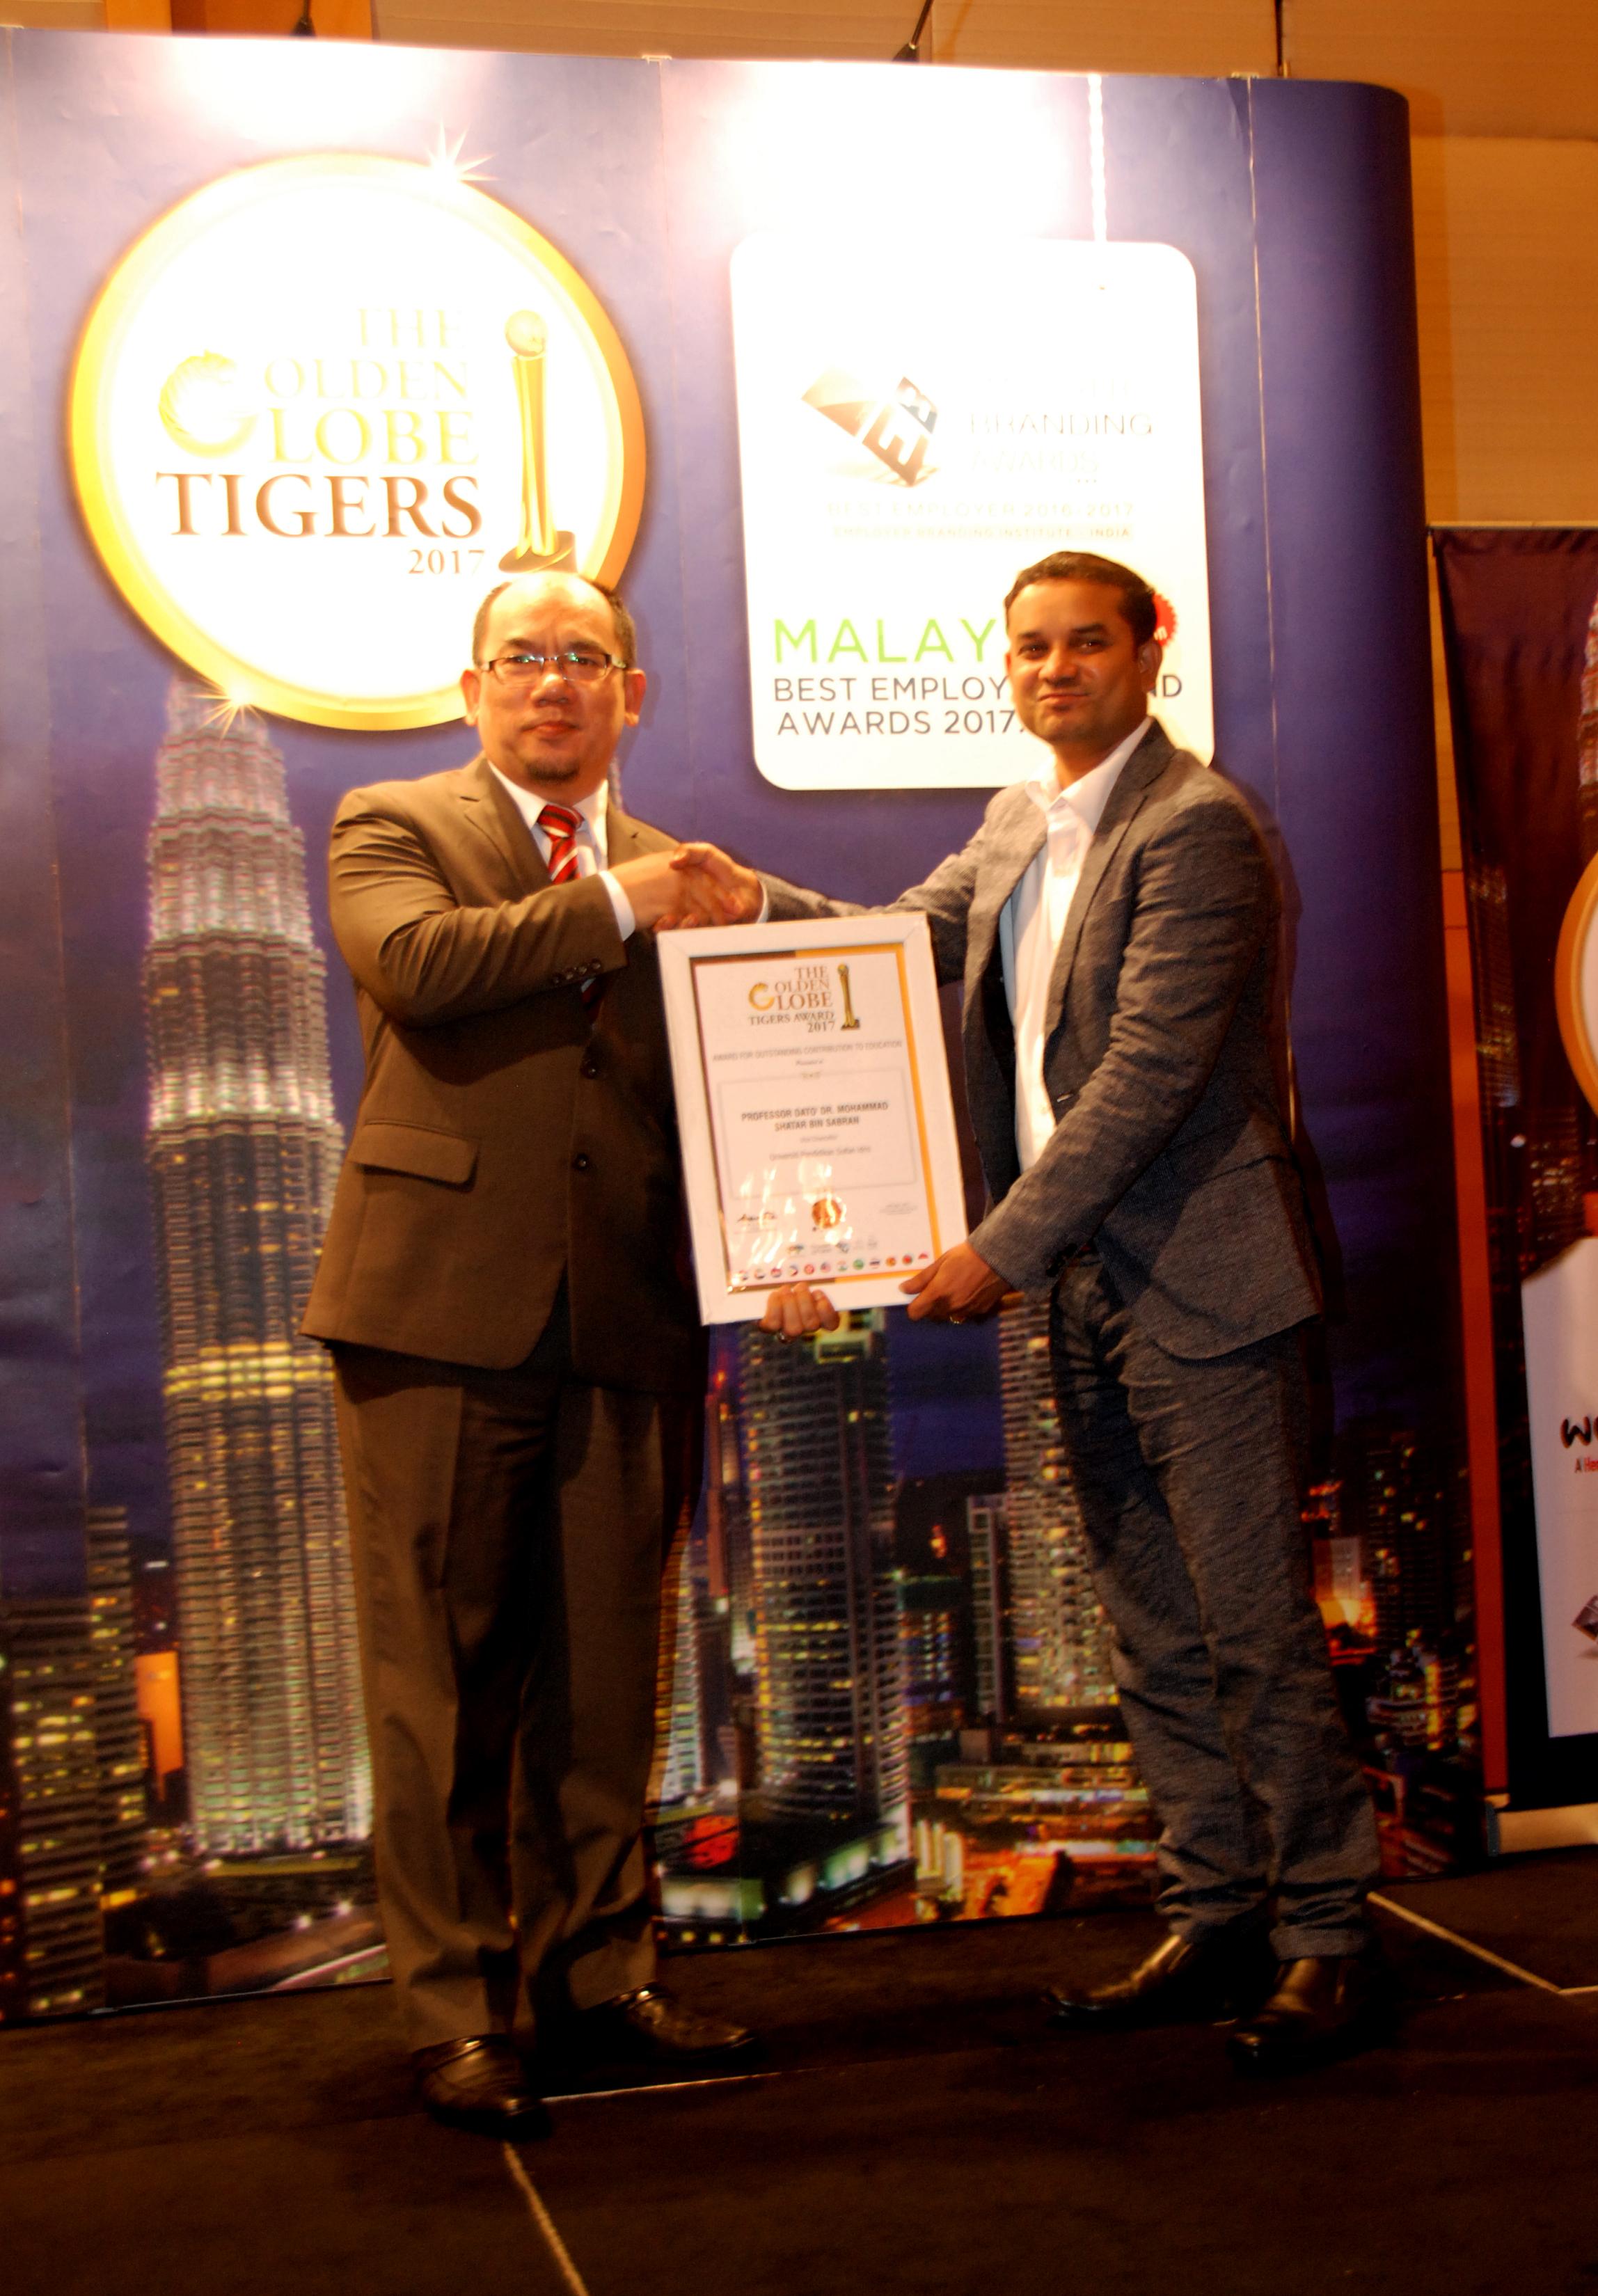 NC   terima  The Golden Globe Tigers  Award 2017 sumbangan dalam pendidikan